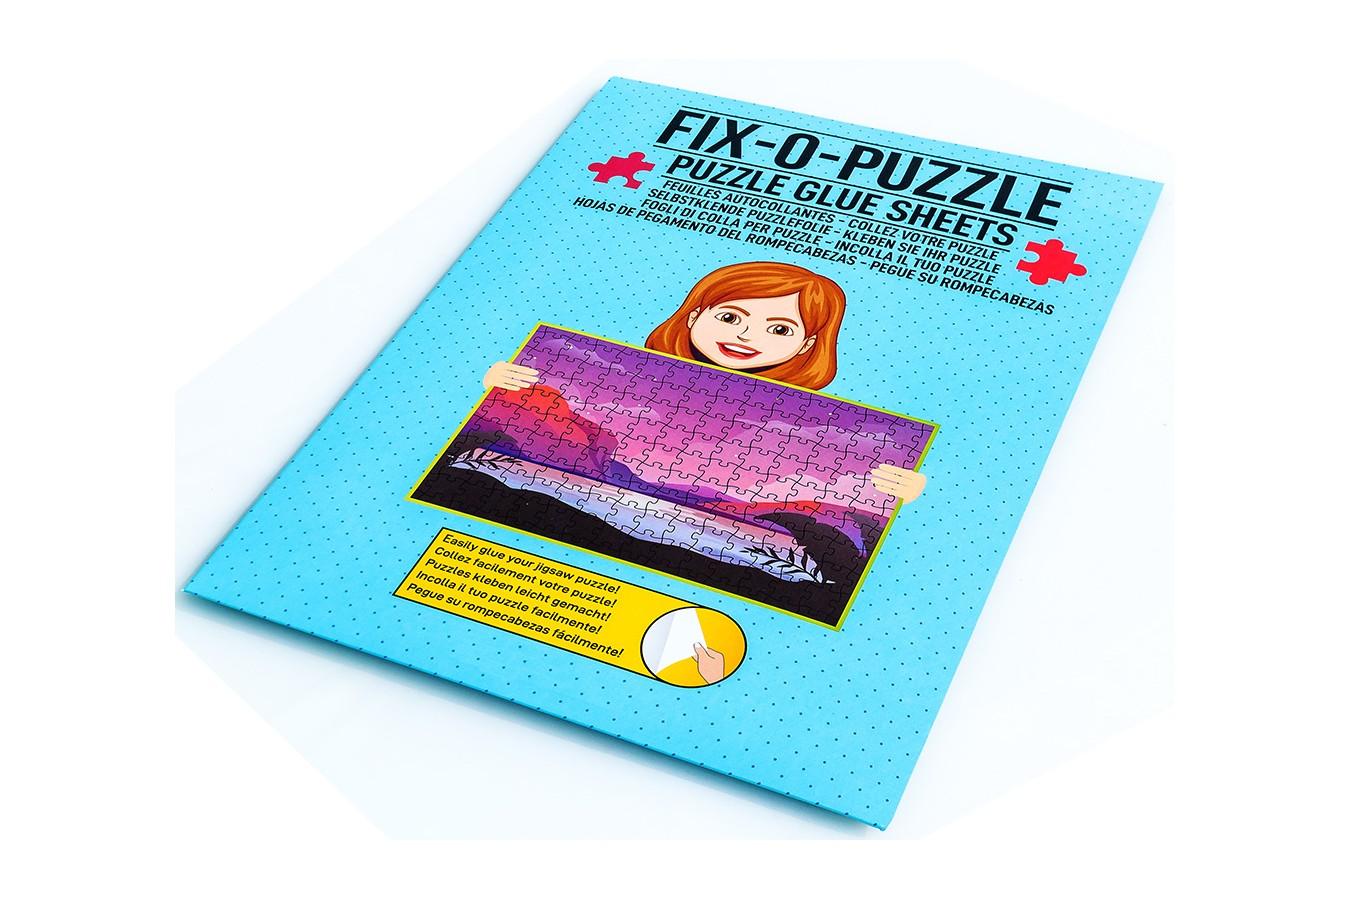 Folie pentru lipit puzzle, alba (WLP-5000) imagine